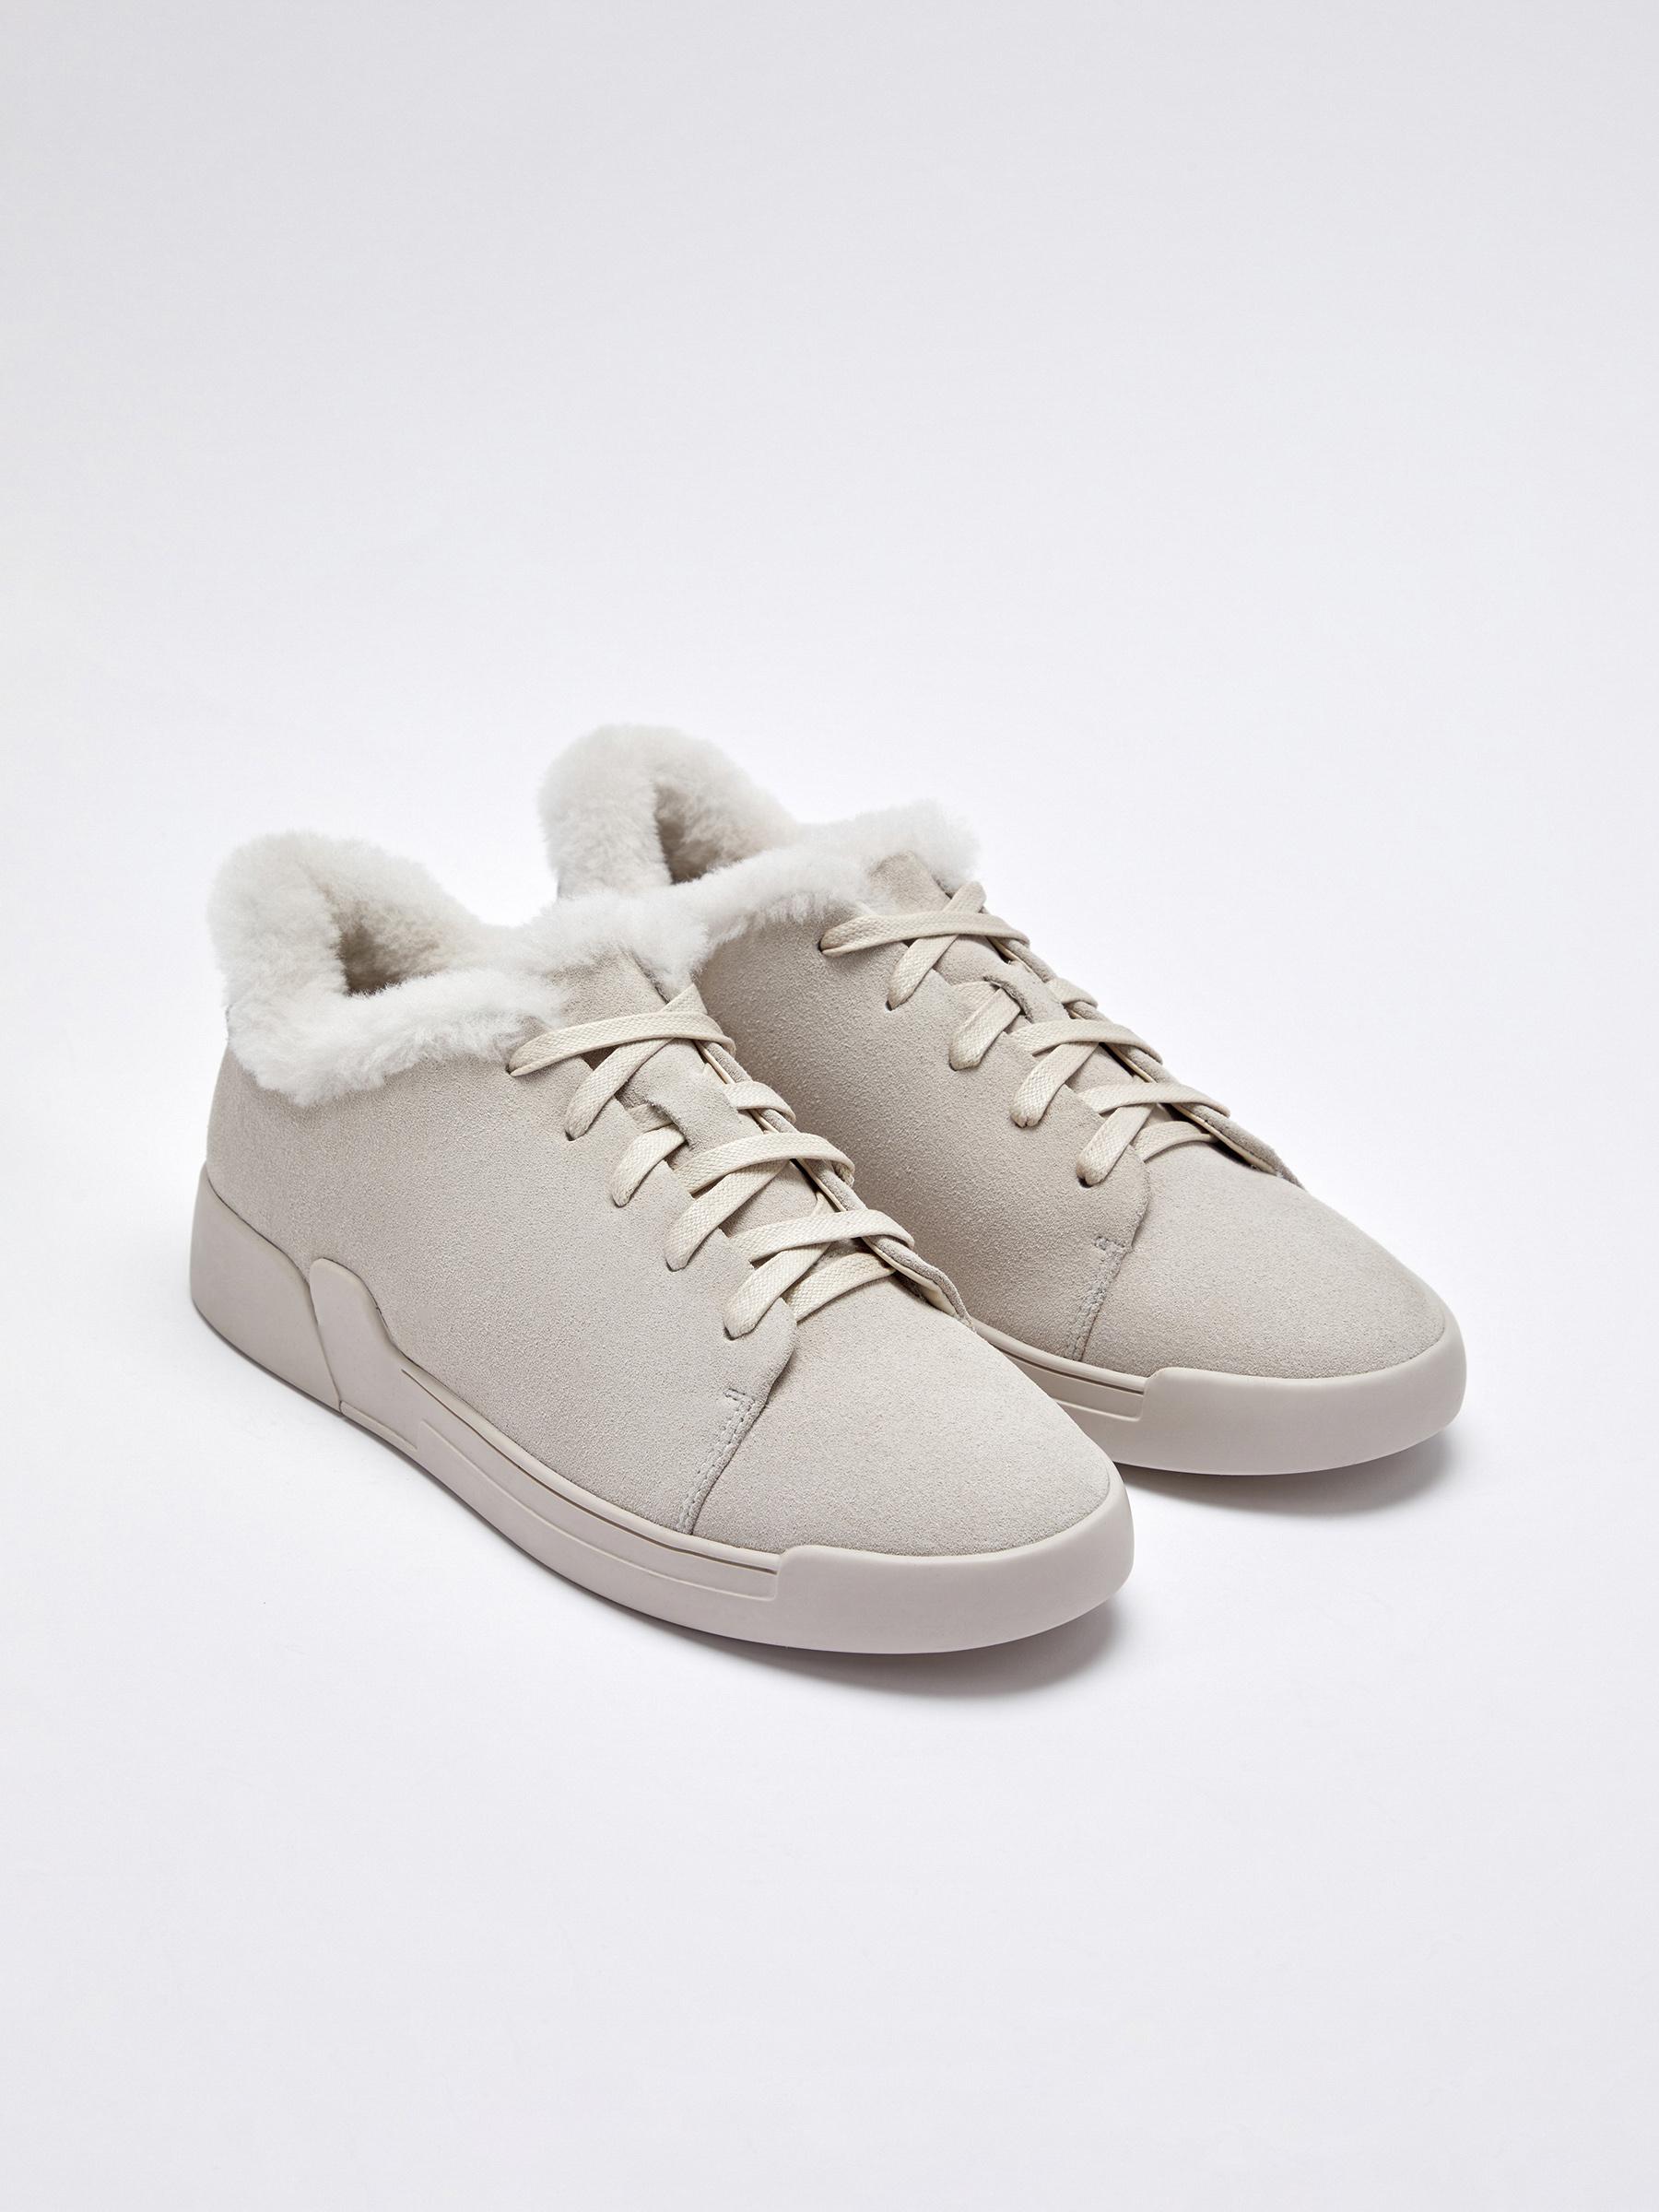 12⠀STOREEZ Зимние кеды на шнурках